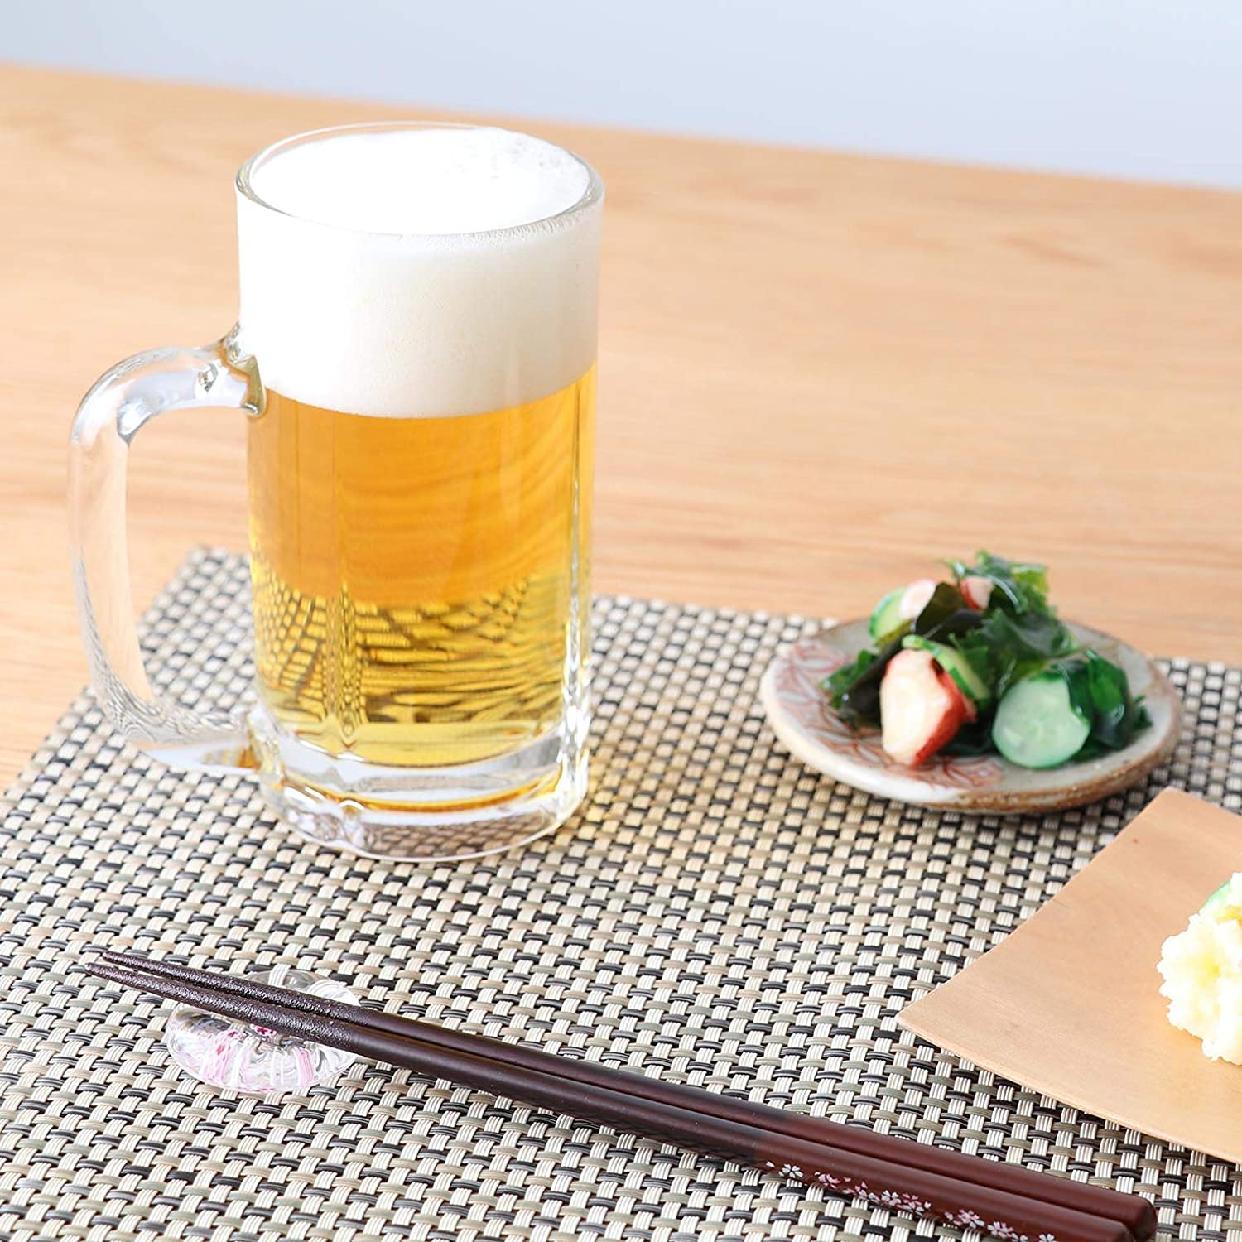 ADERIA(アデリア)ビールジョッキの商品画像3